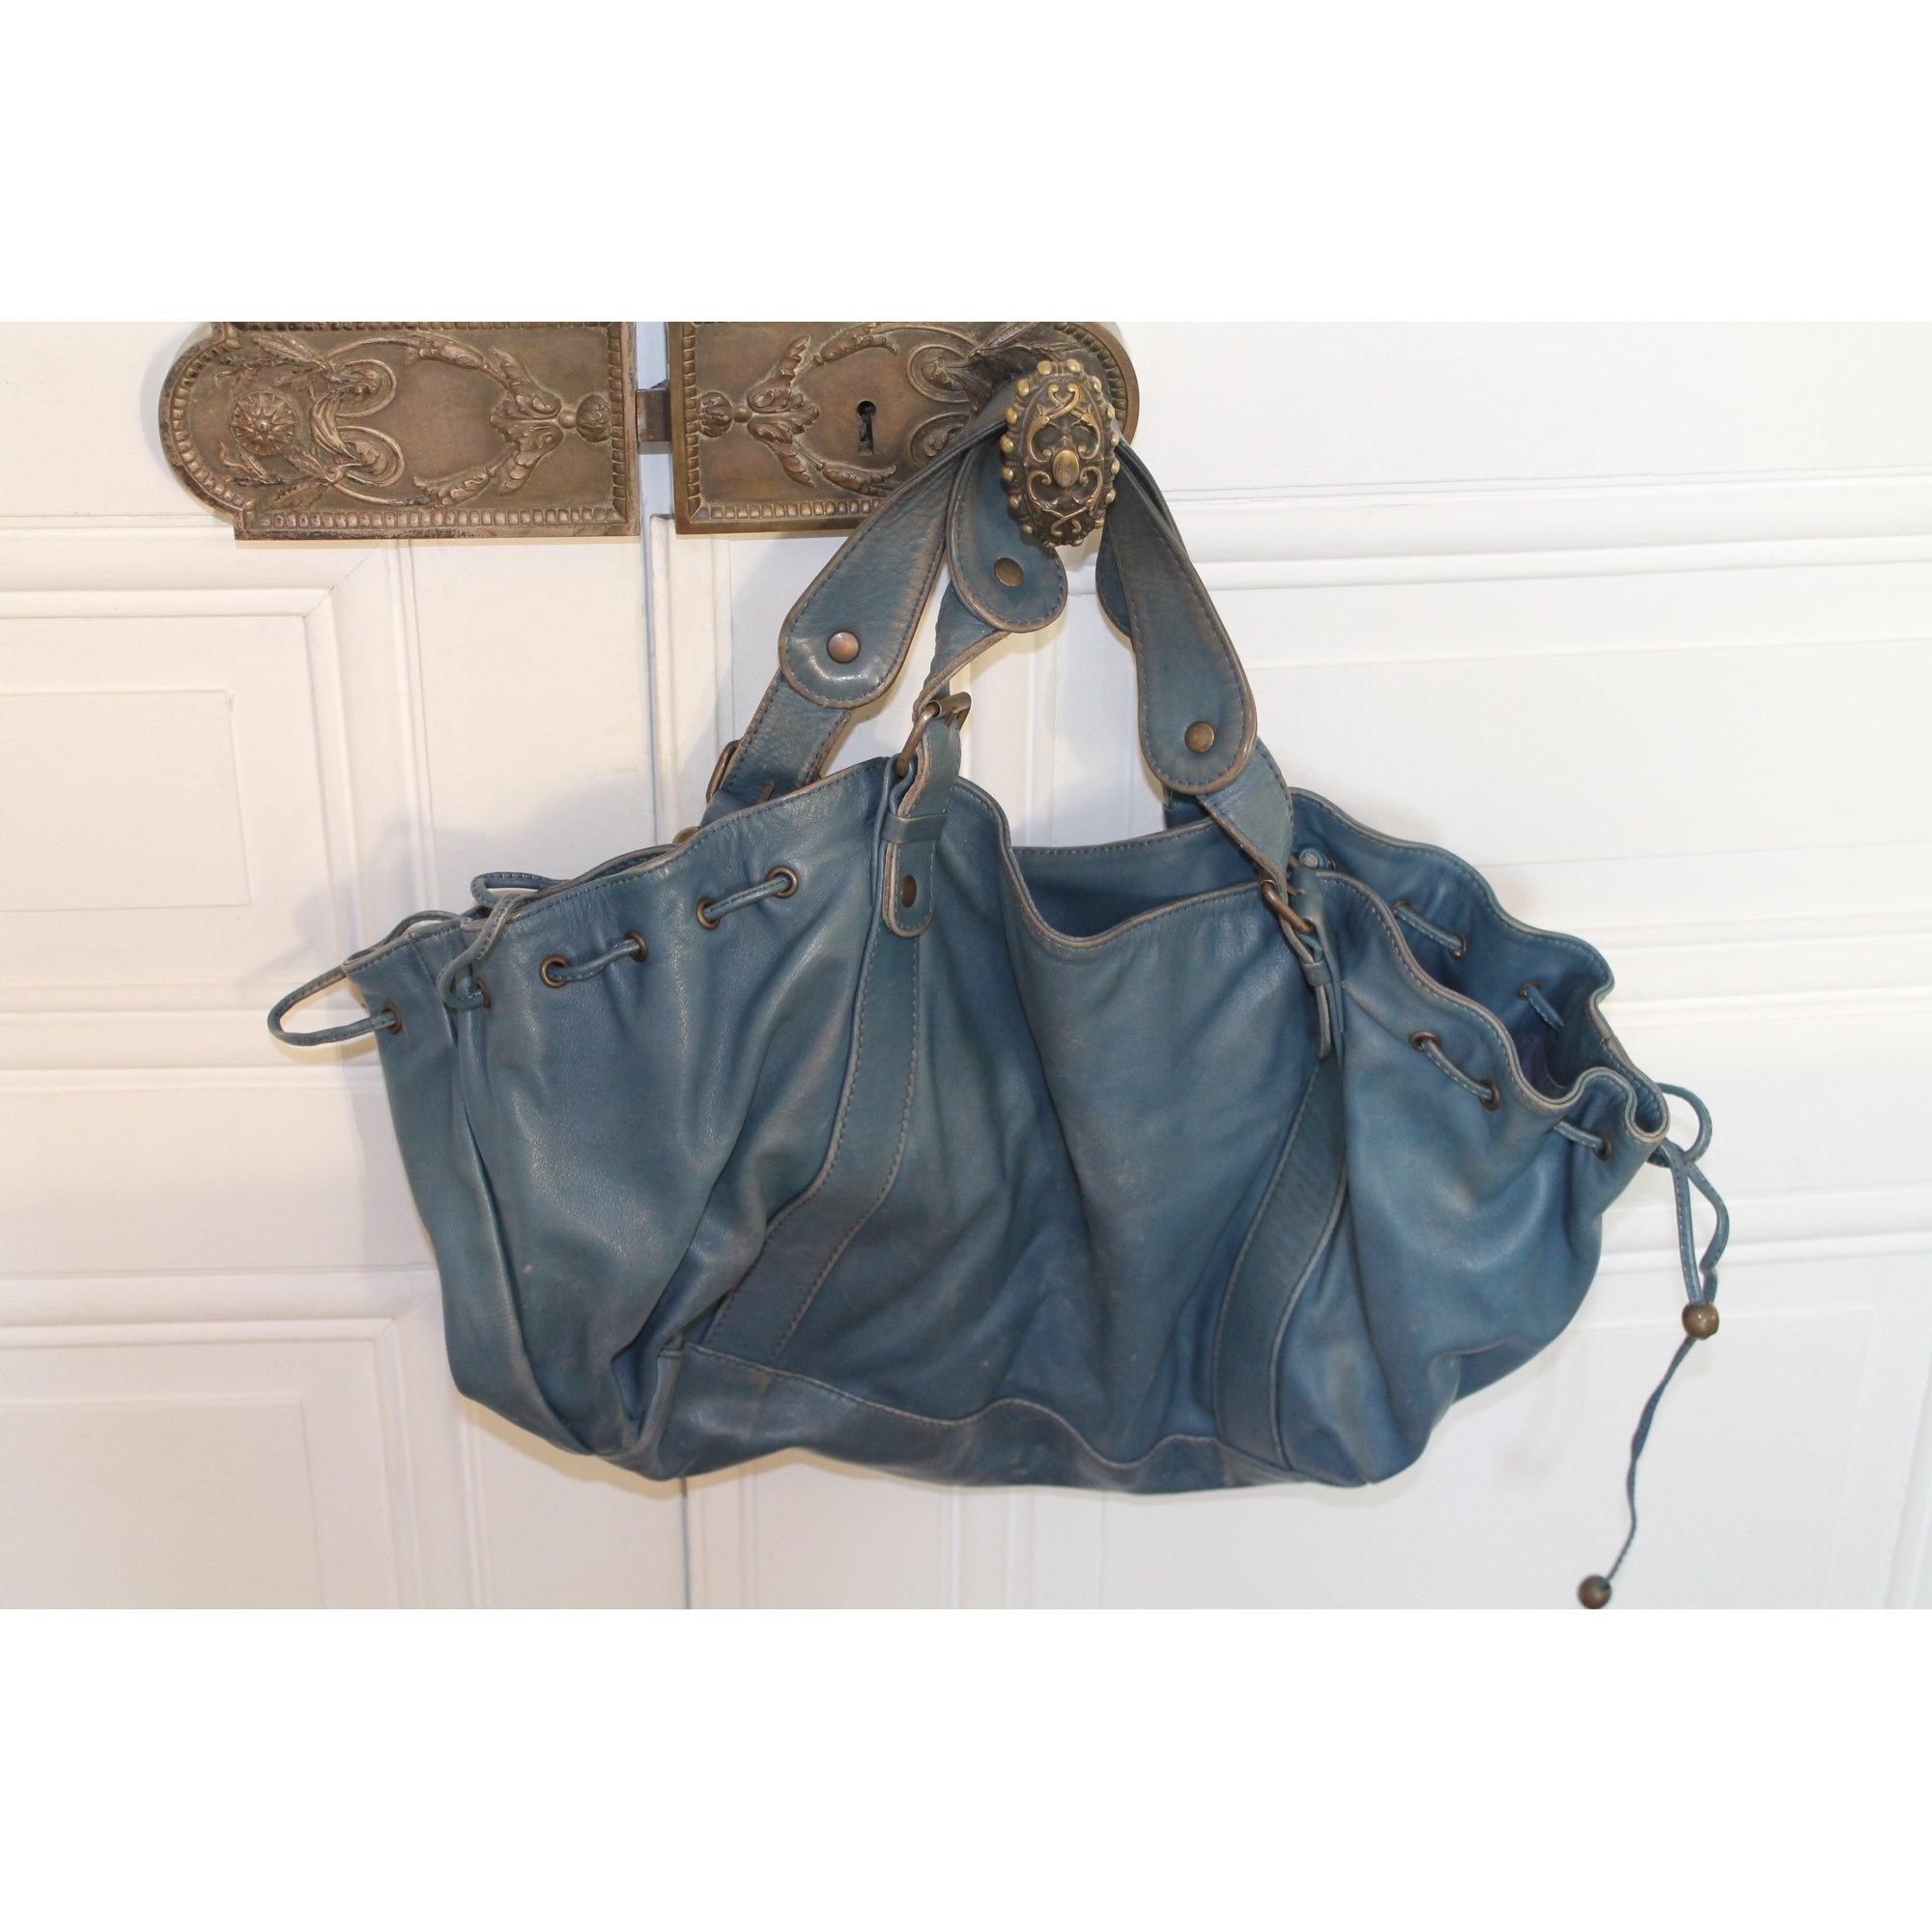 13110ee20cc9 Sac à main en cuir GERARD DAREL bleu vendu par Shopname437706 - 4027405